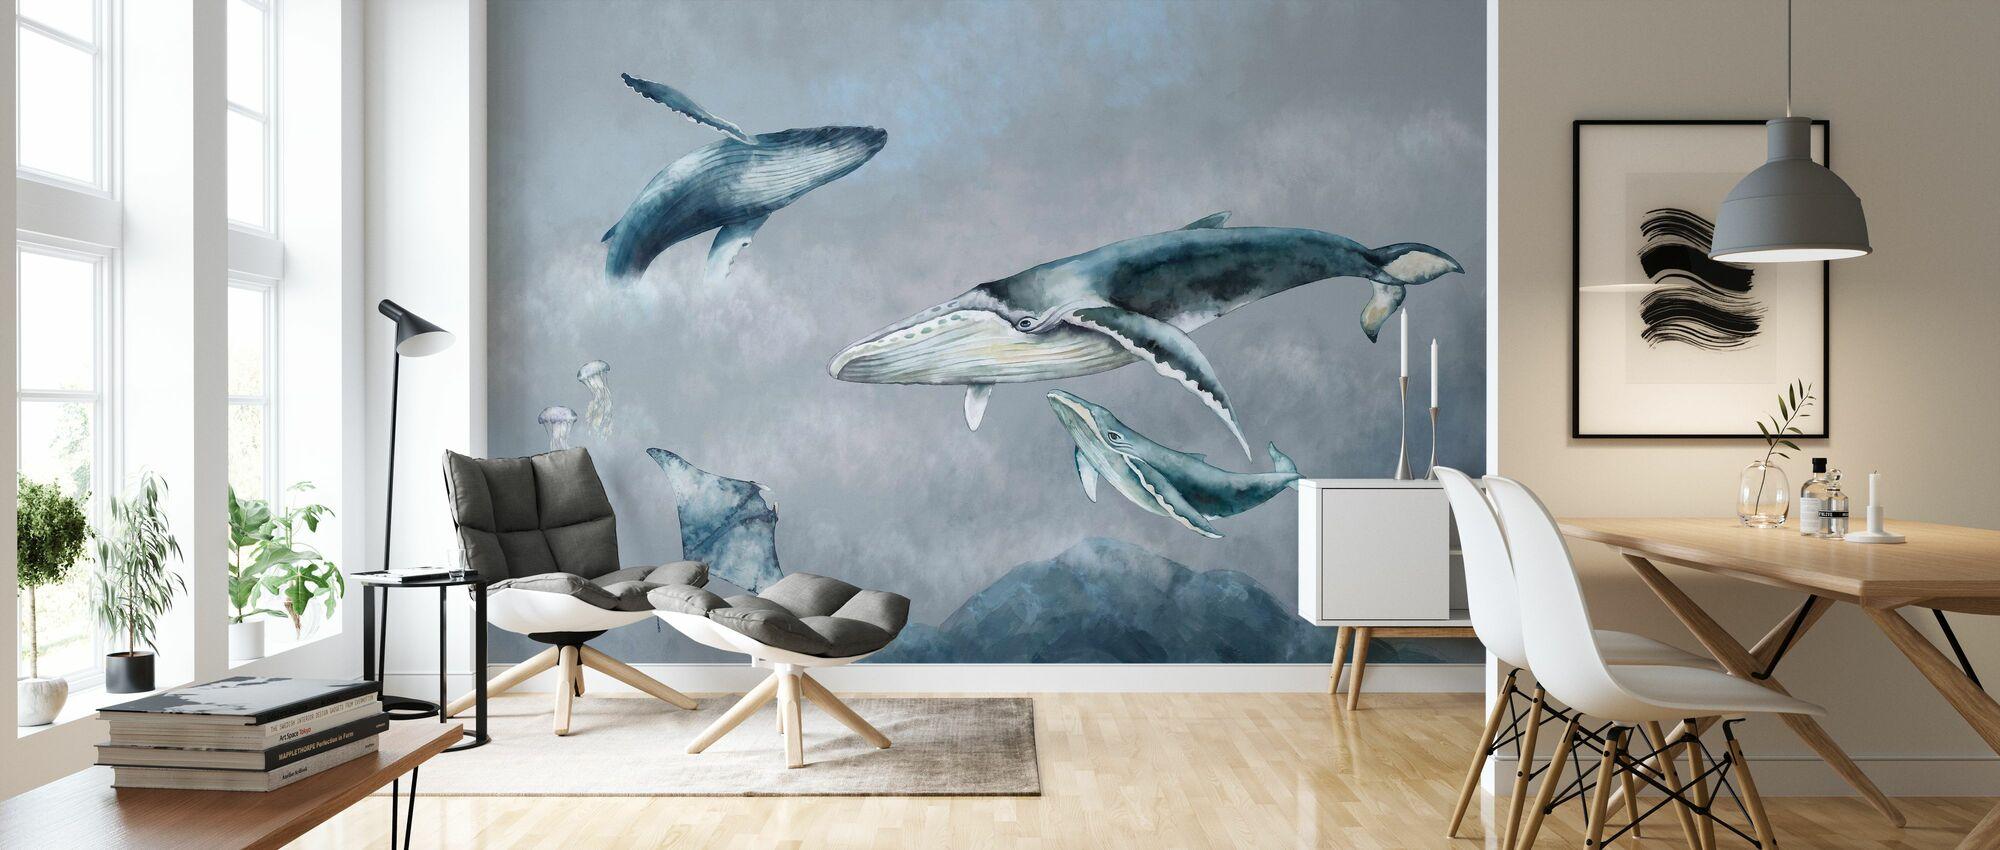 Valaiden ystävät - Tapetti - Olohuone